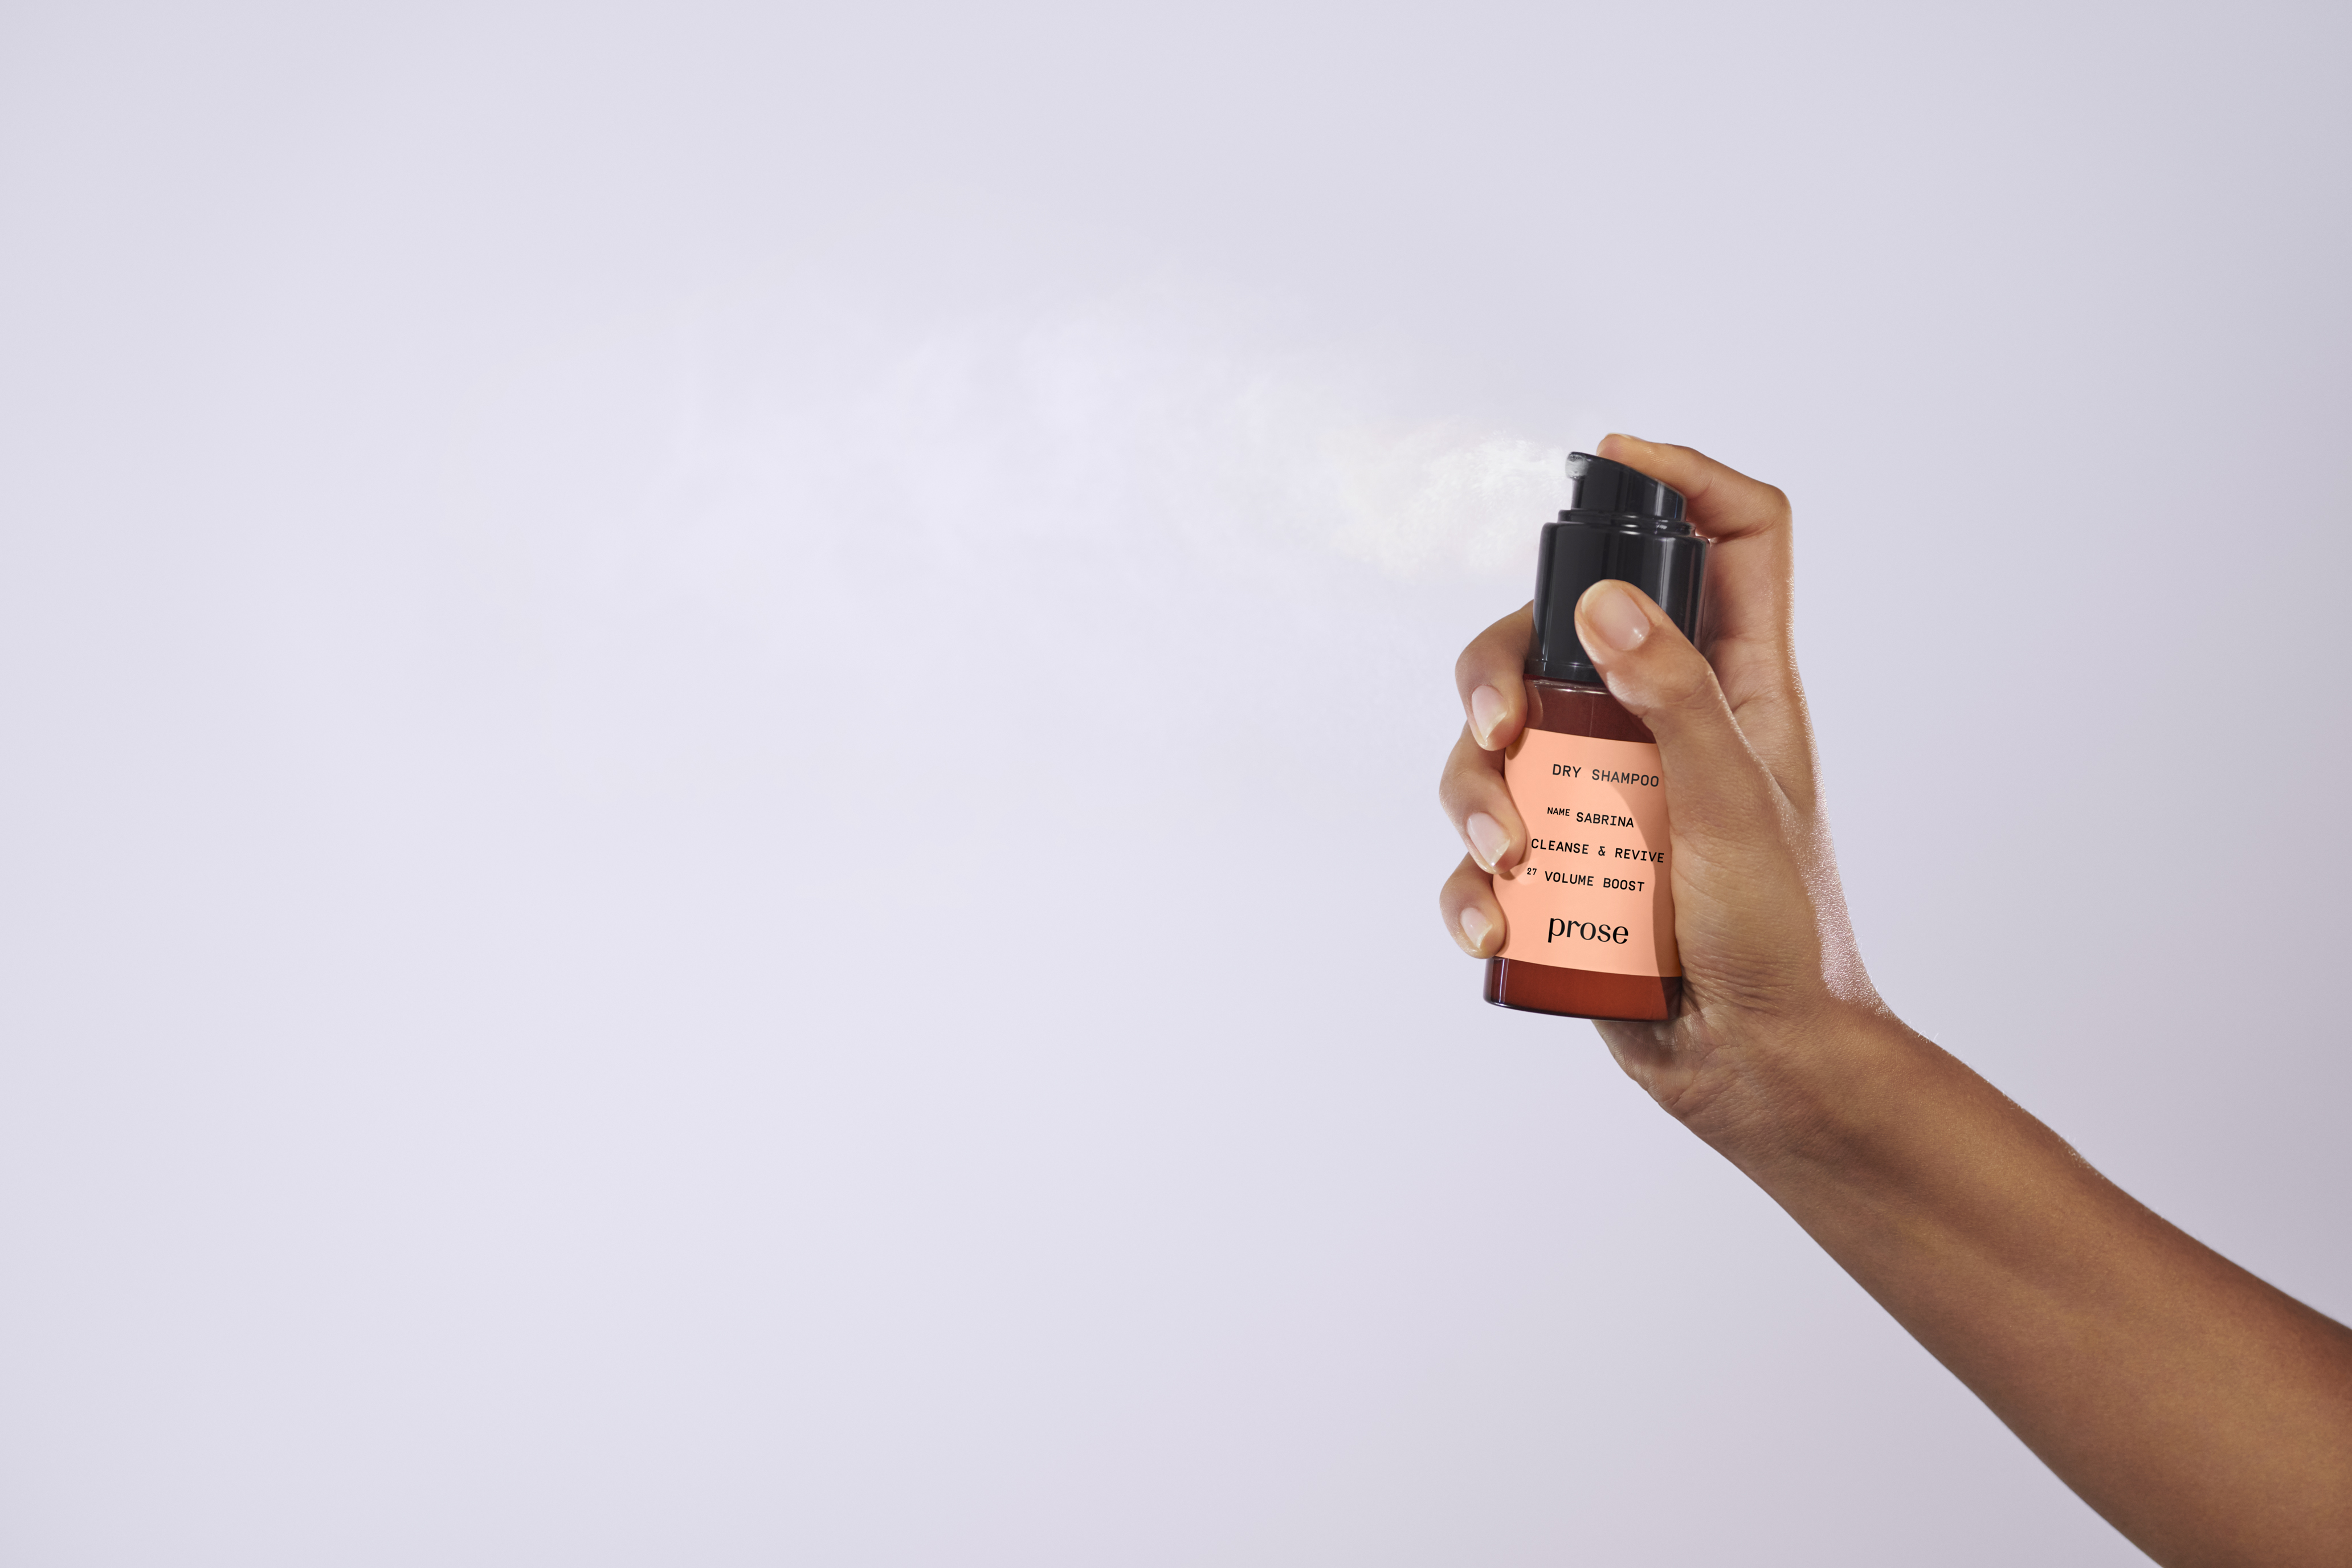 powder dry shampoo Prose hair care